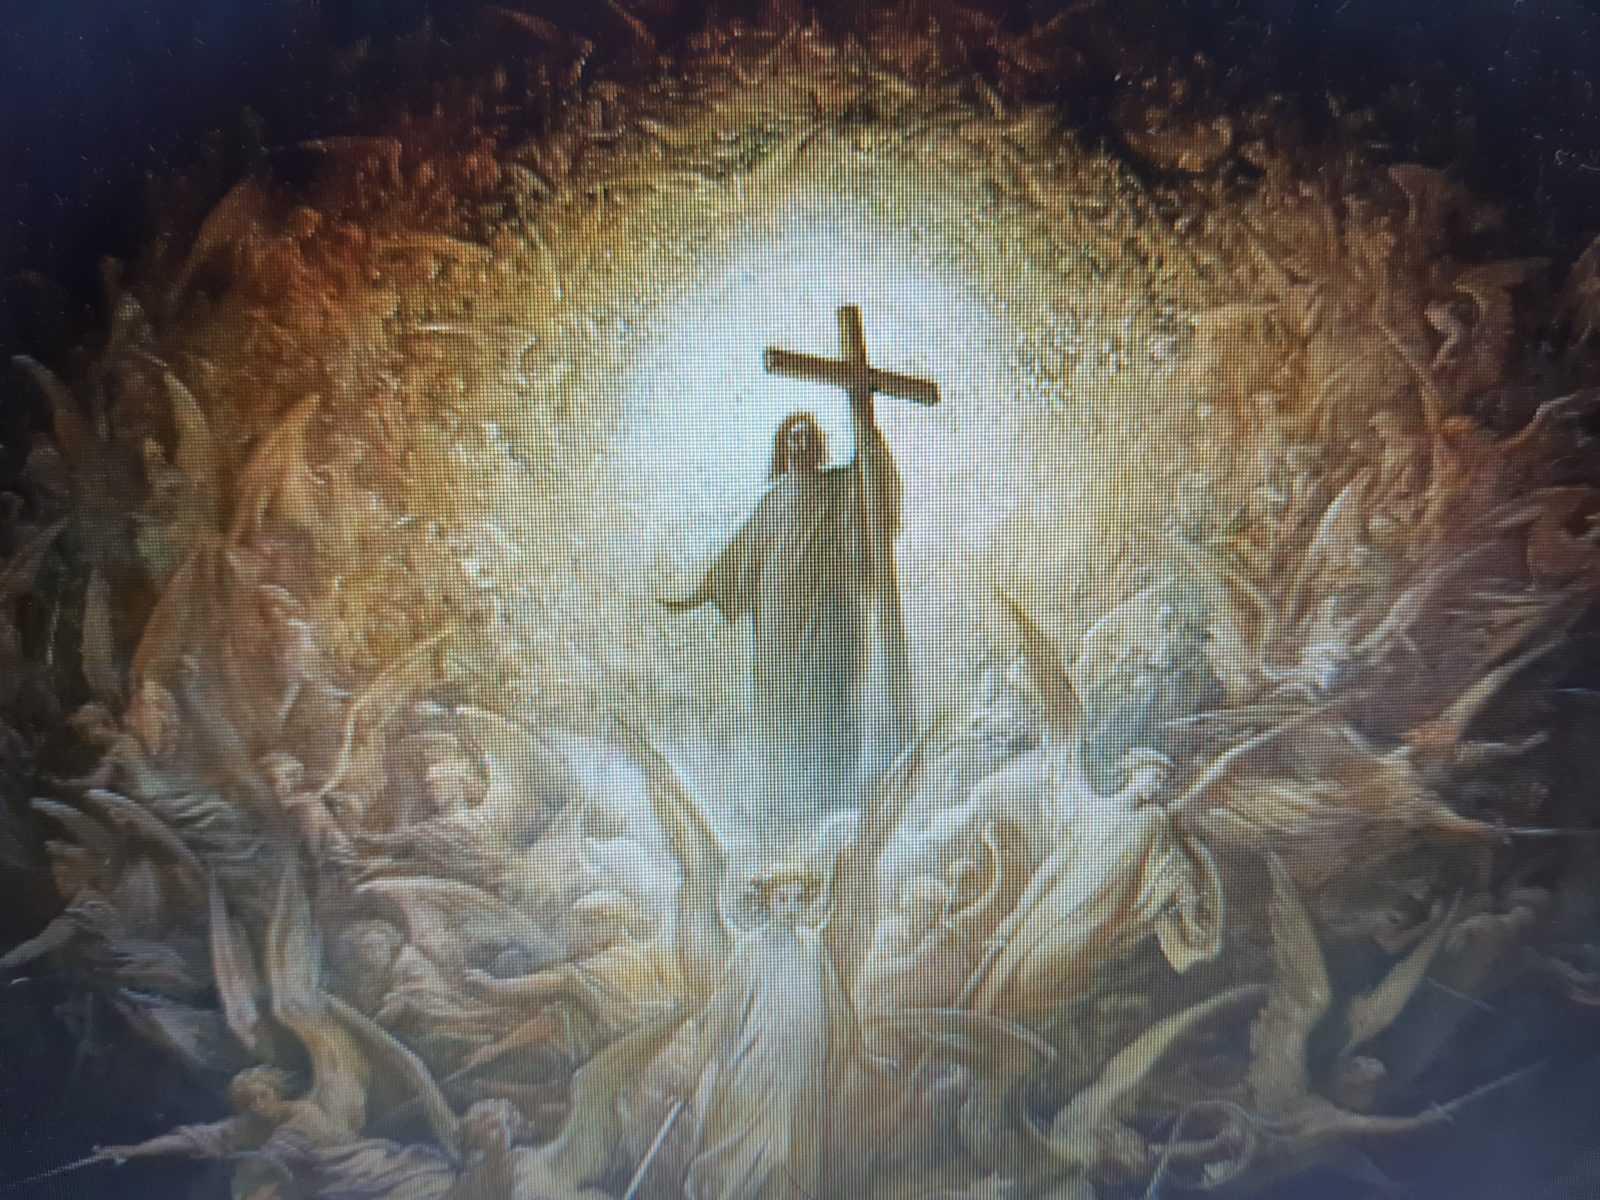 Христианство - религия, краткое описание | grobovozkin